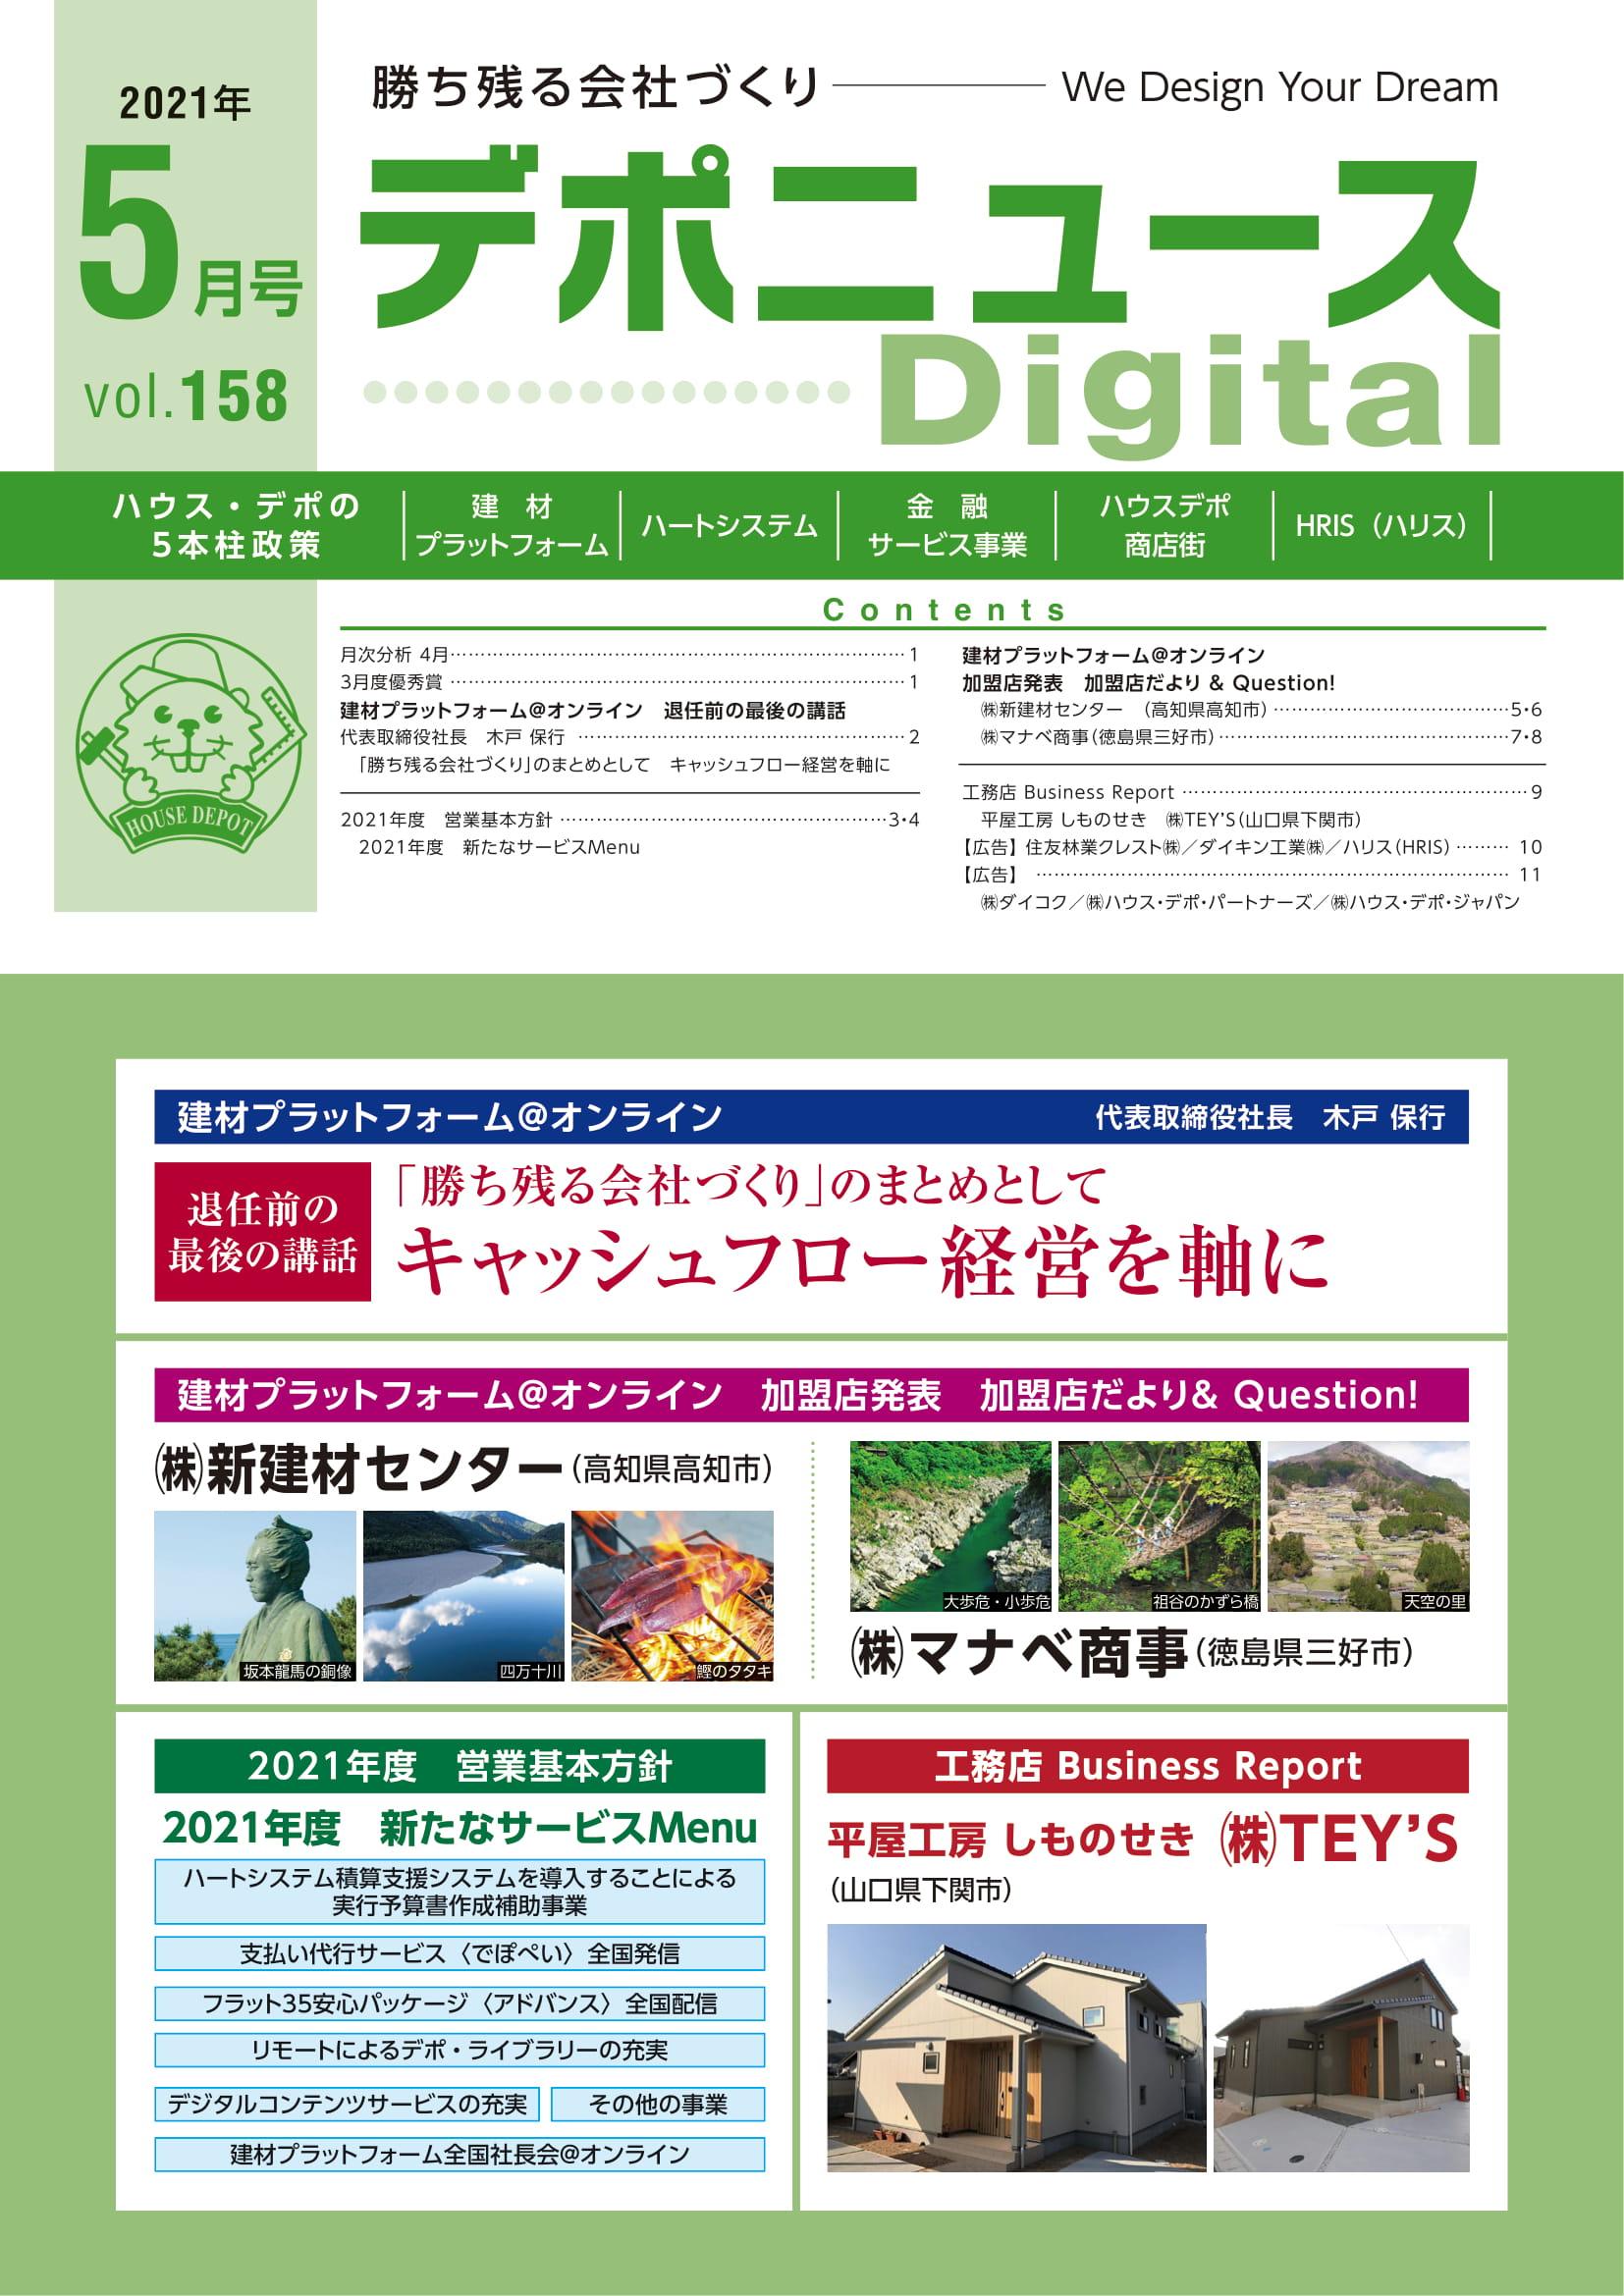 デポニュースDIGITAL Vol.158